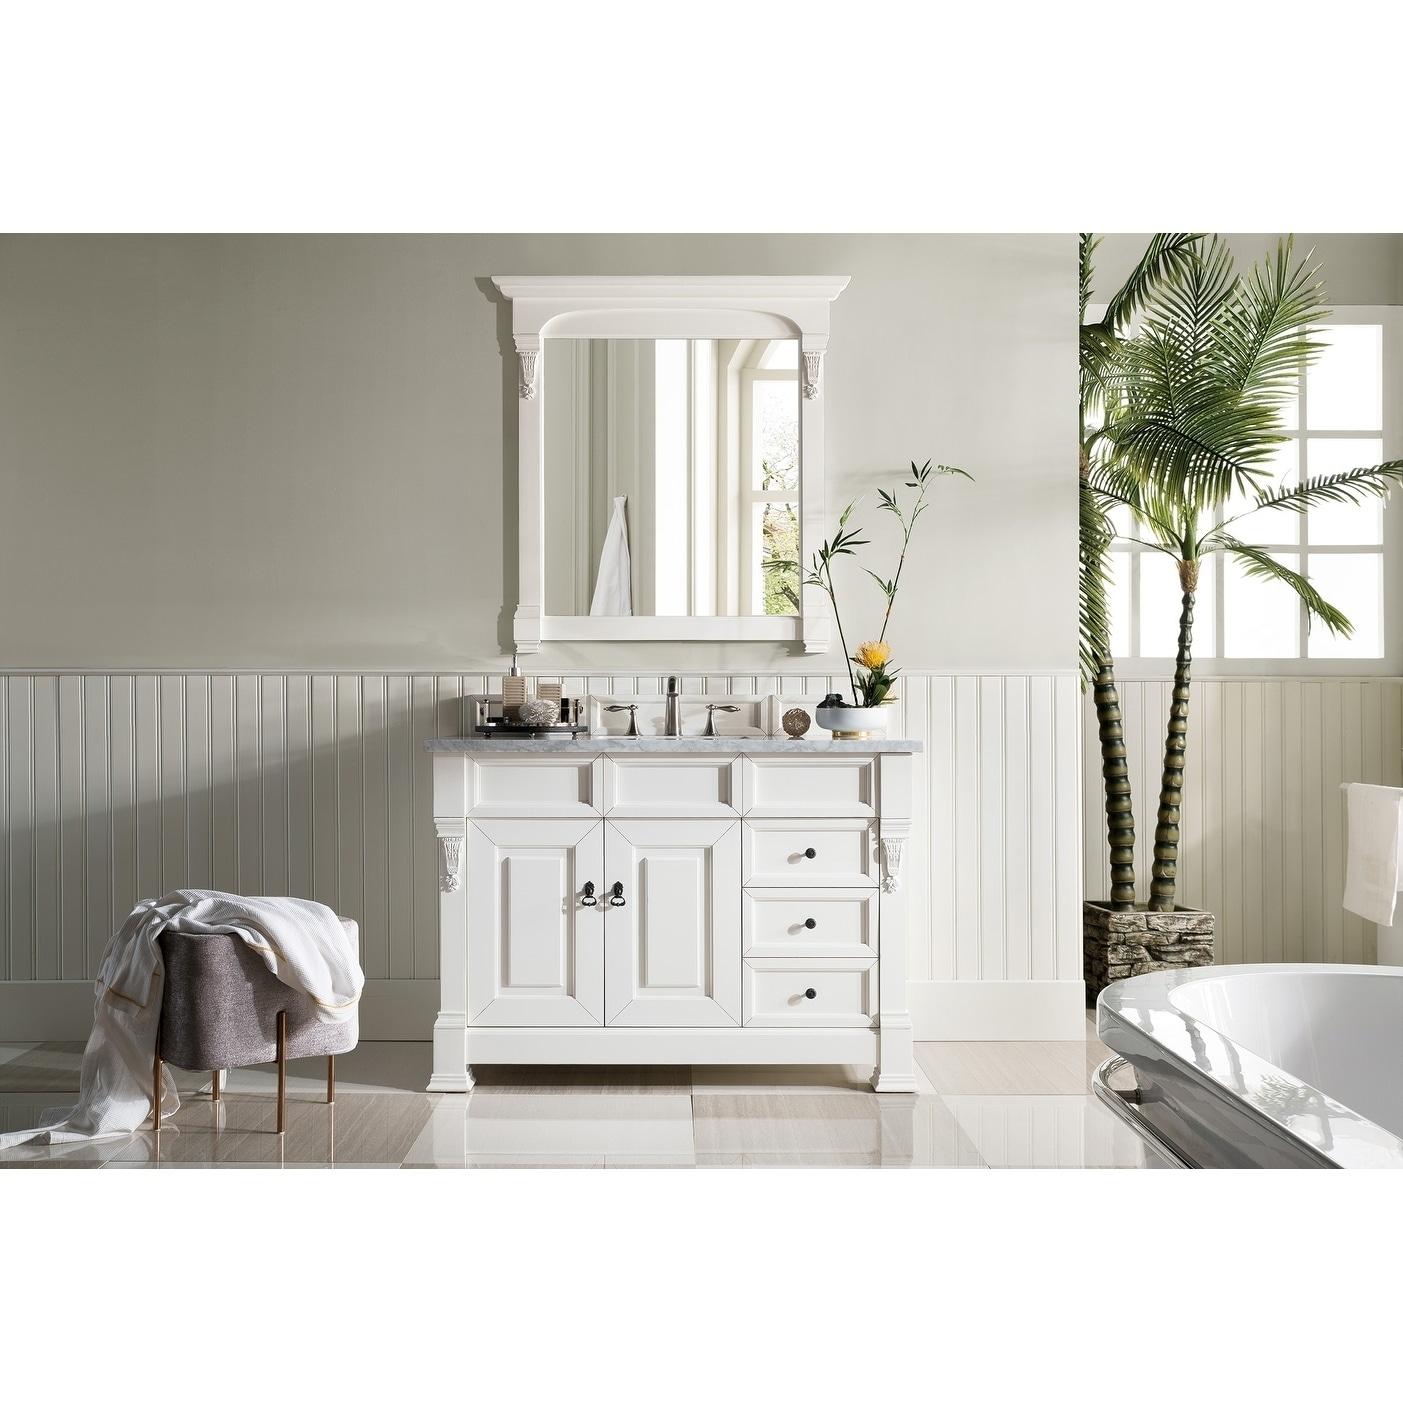 Buy Vintage Bathroom Vanities & Vanity Cabinets Online at Overstock ...